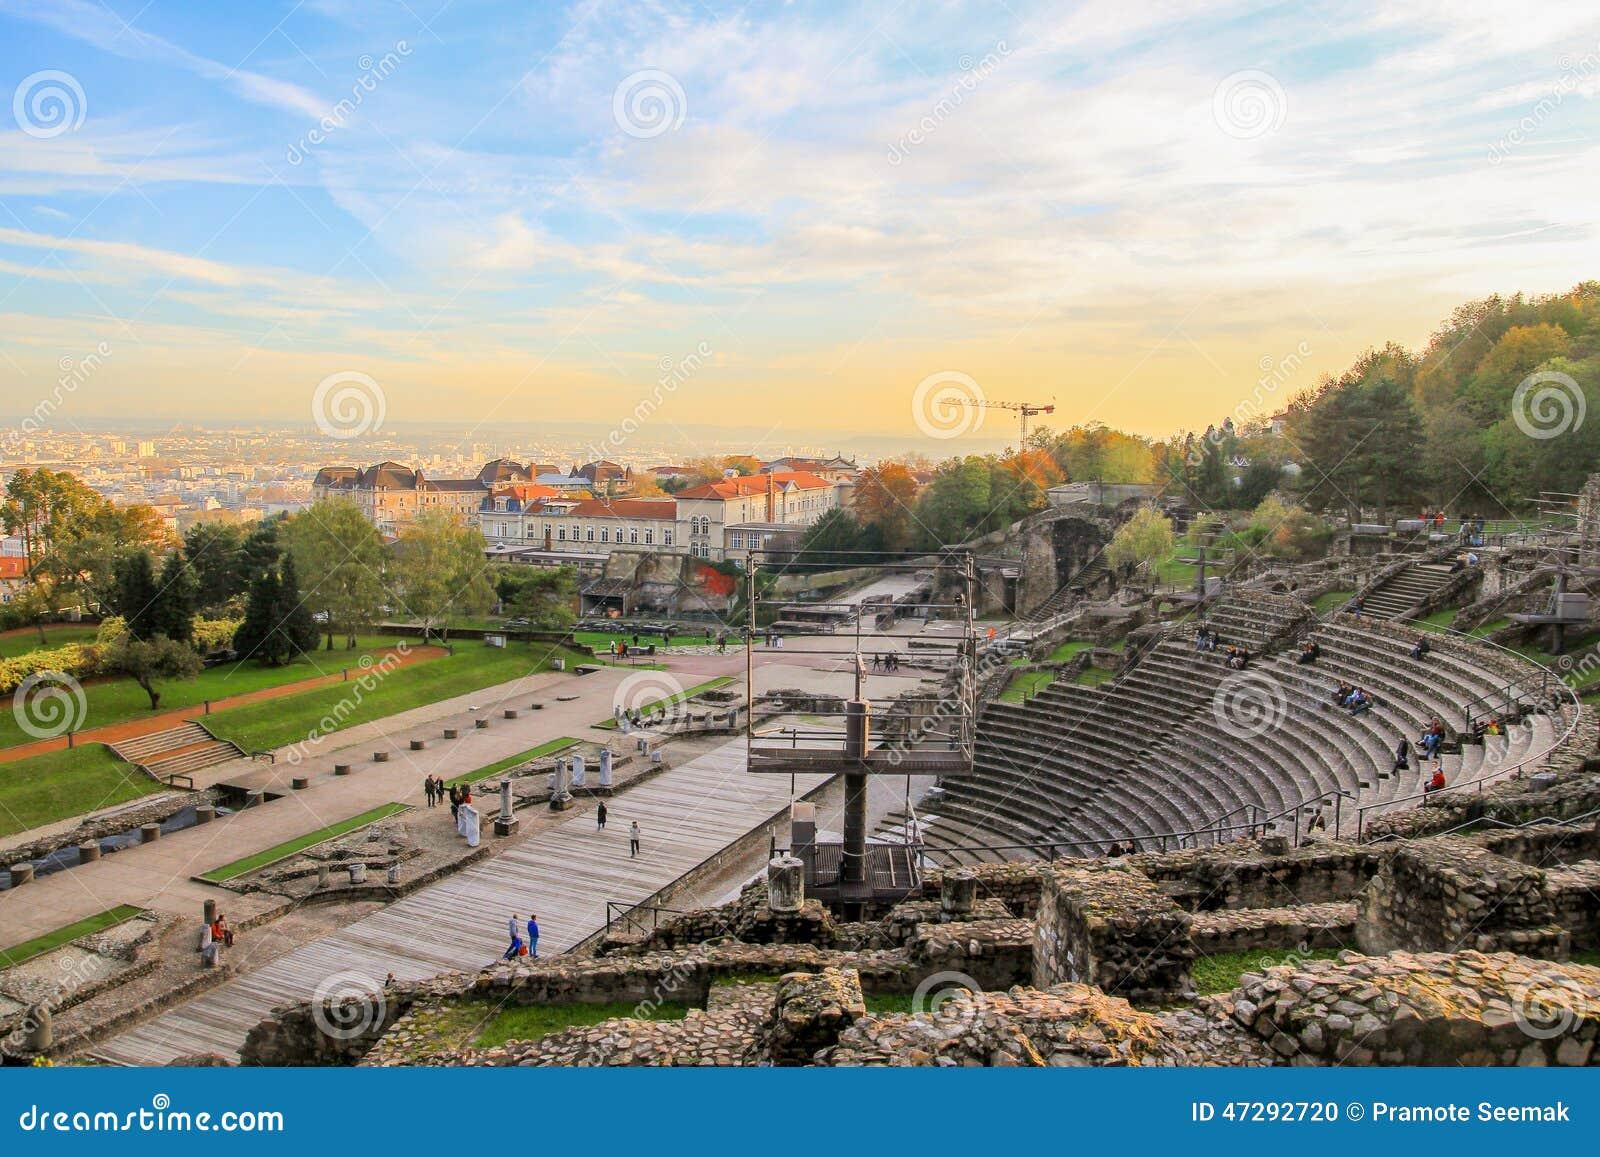 Lion amfiteatr rzymski